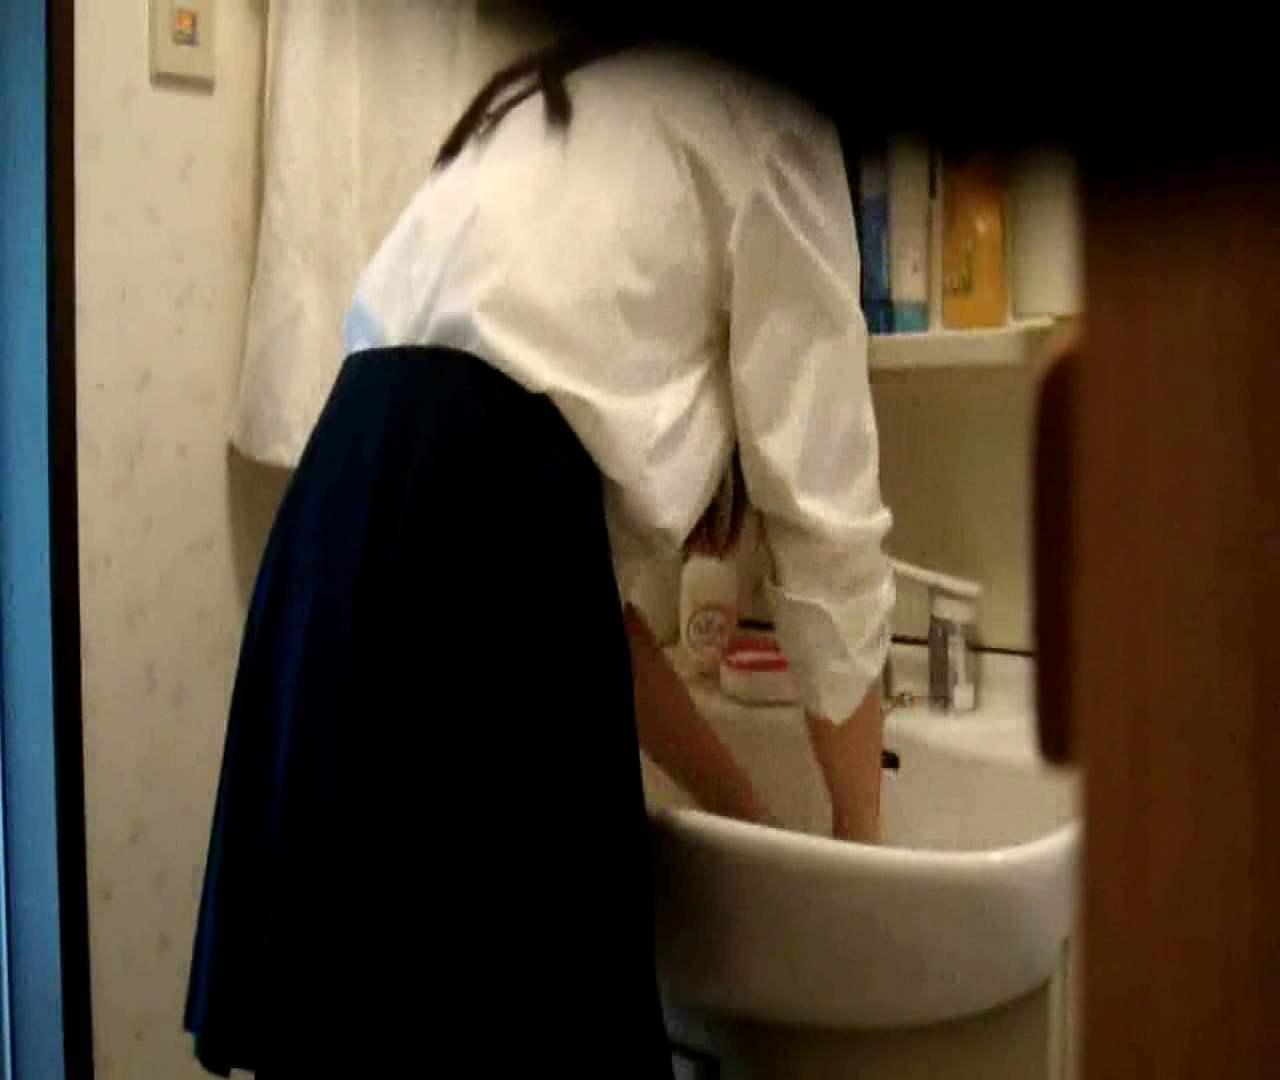 二人とも育てた甲斐がありました… vol.05 まどかが洗顔後にブラを洗濯 盗撮シリーズ  79PIX 76